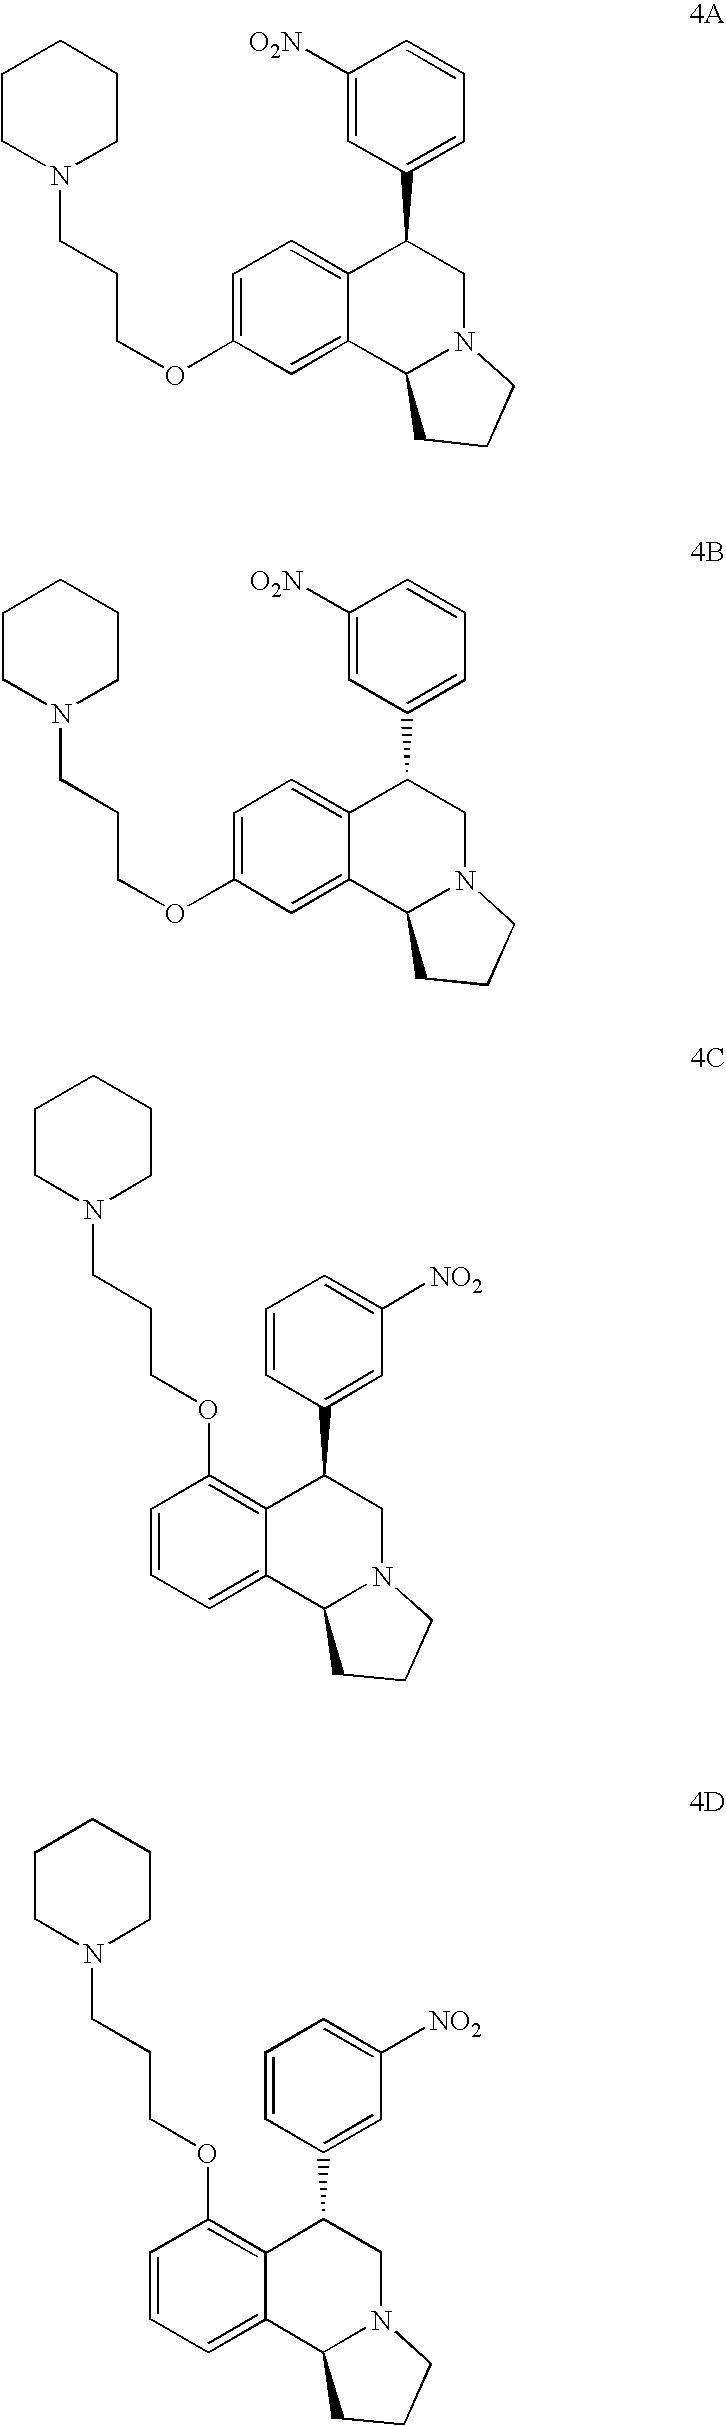 Figure US08273762-20120925-C00009